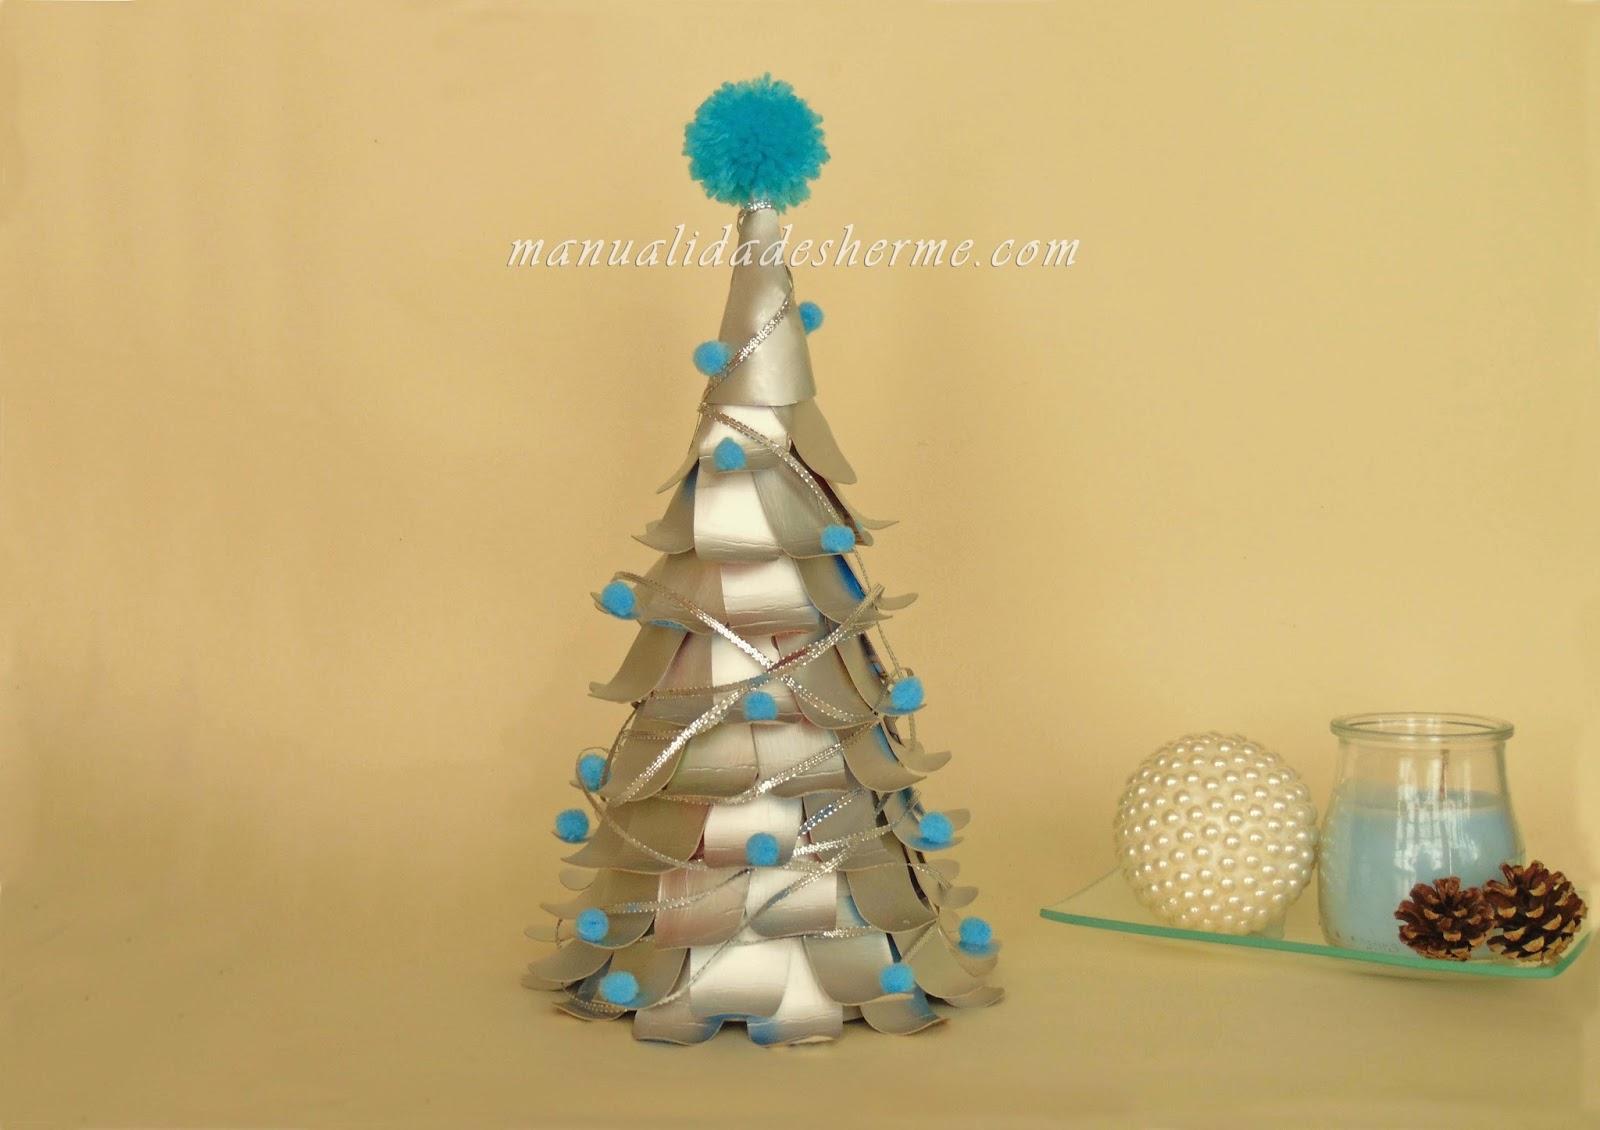 Manualidades herme hacer rbol de navidad con cartones de for Arbol de navidad con cajas de carton